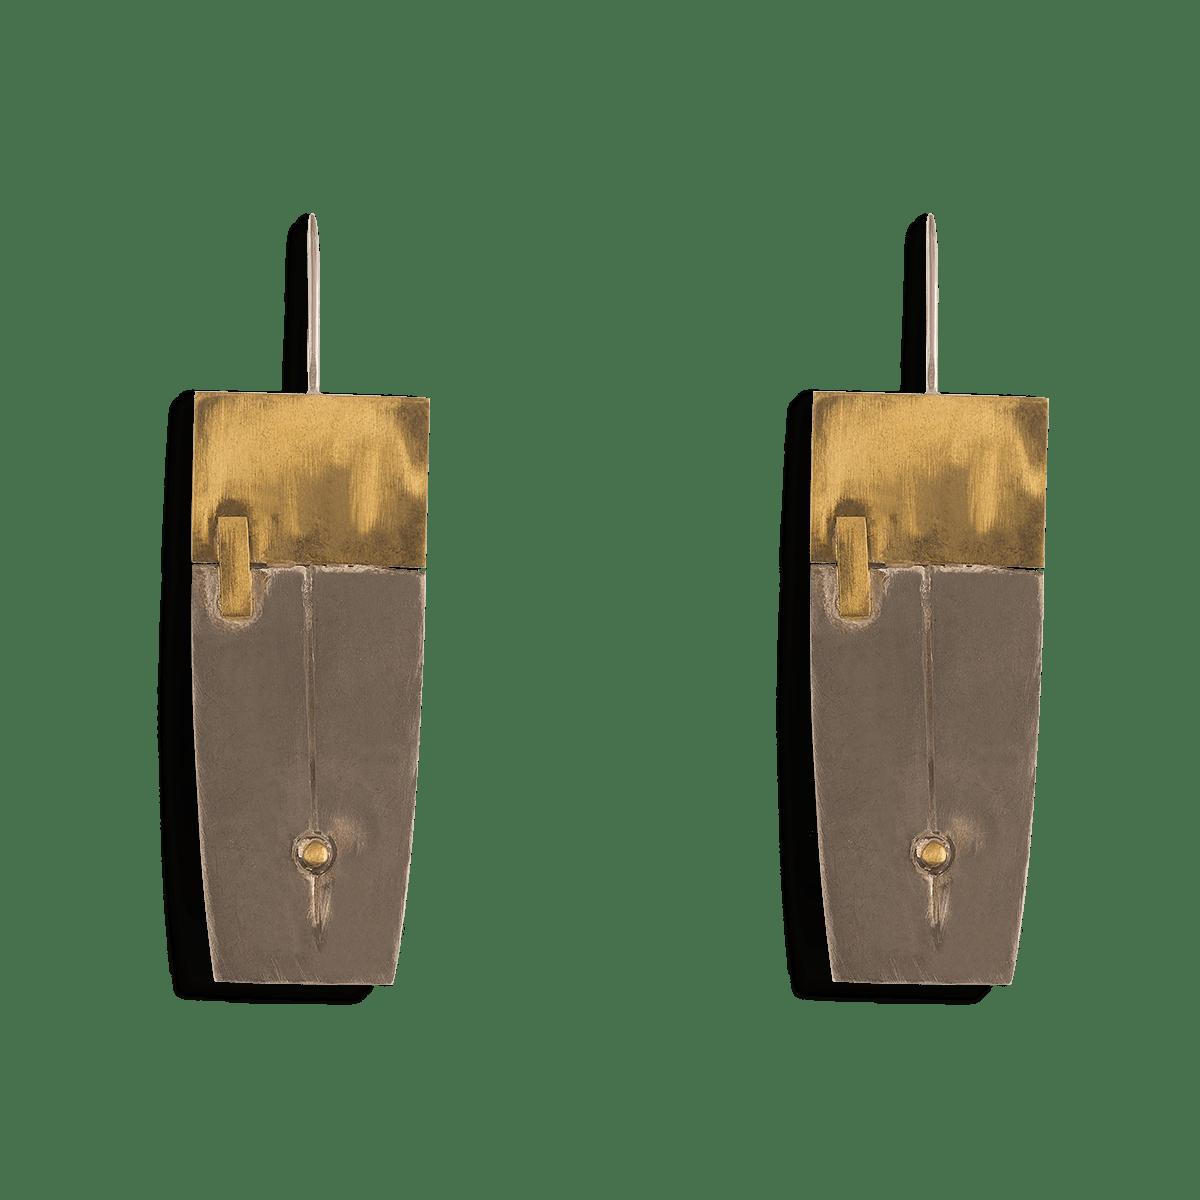 گوشواره نقره و برنج